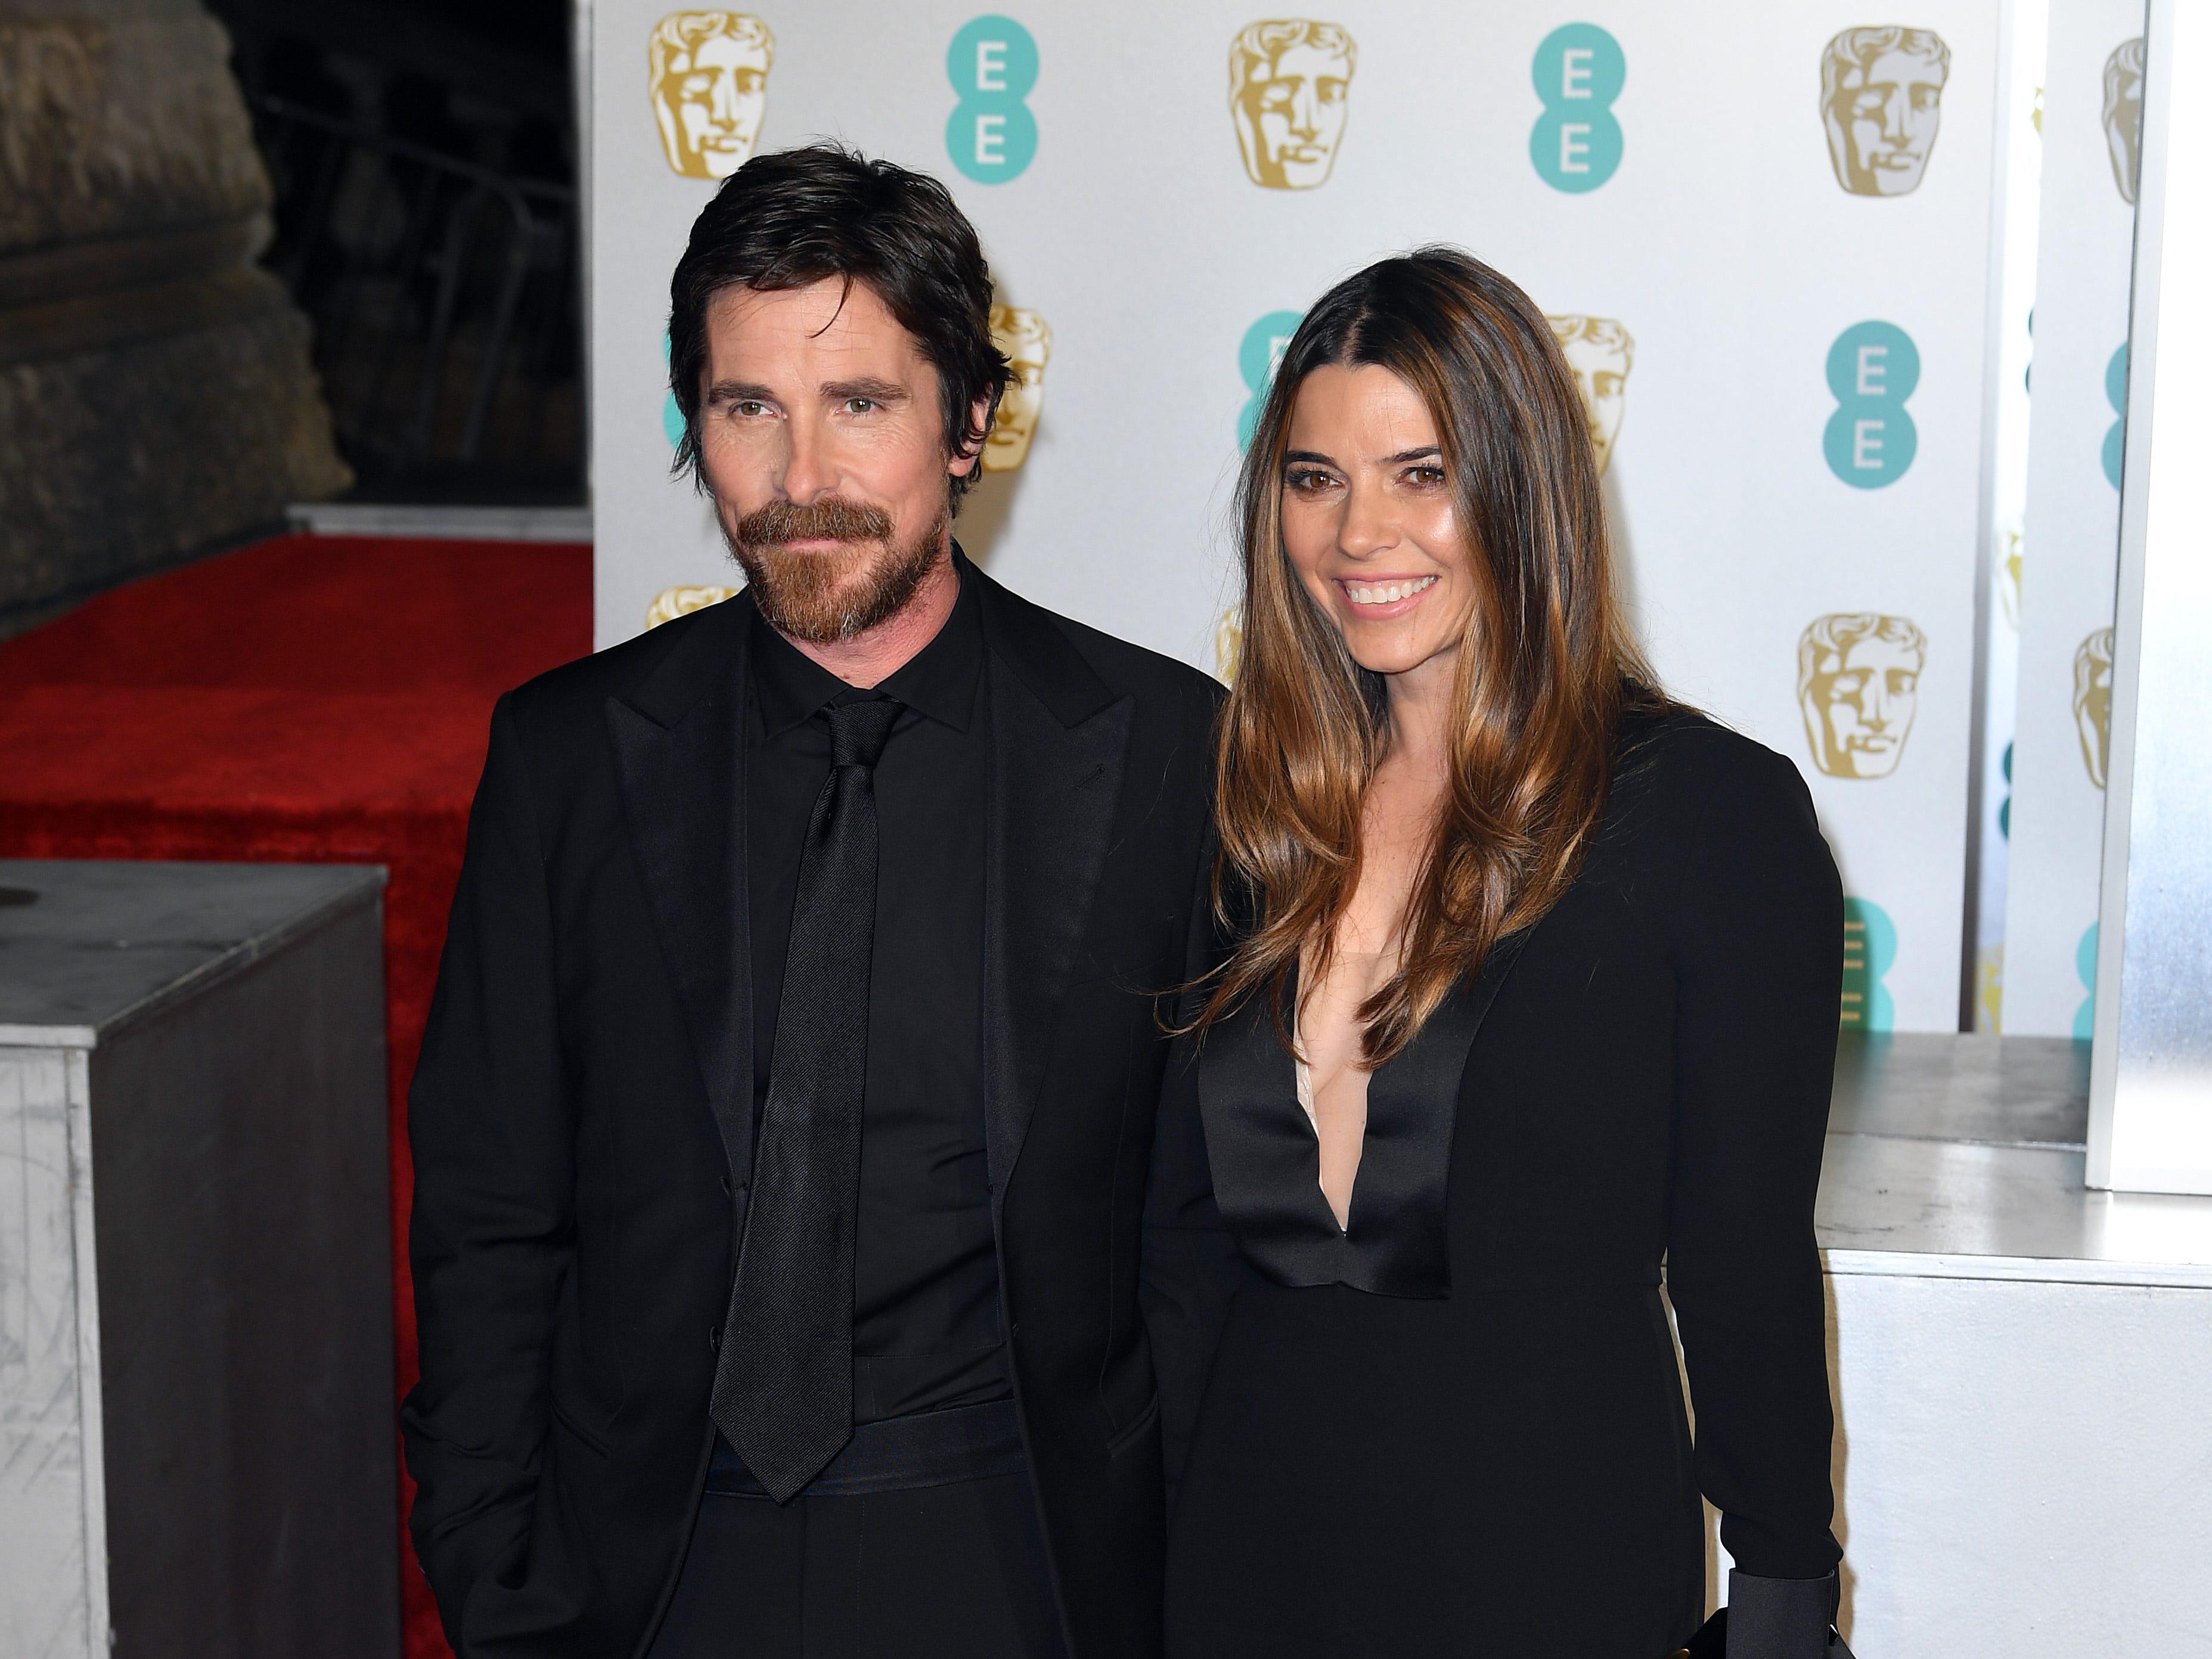 Christian Bale (izq) y Sibi Blazic a su llegada a la alfombra roja de los Premios de la Academia Británica de Cine BAFTA en el Royal Albert Hall en Londres el 10 de febrero de 2019.